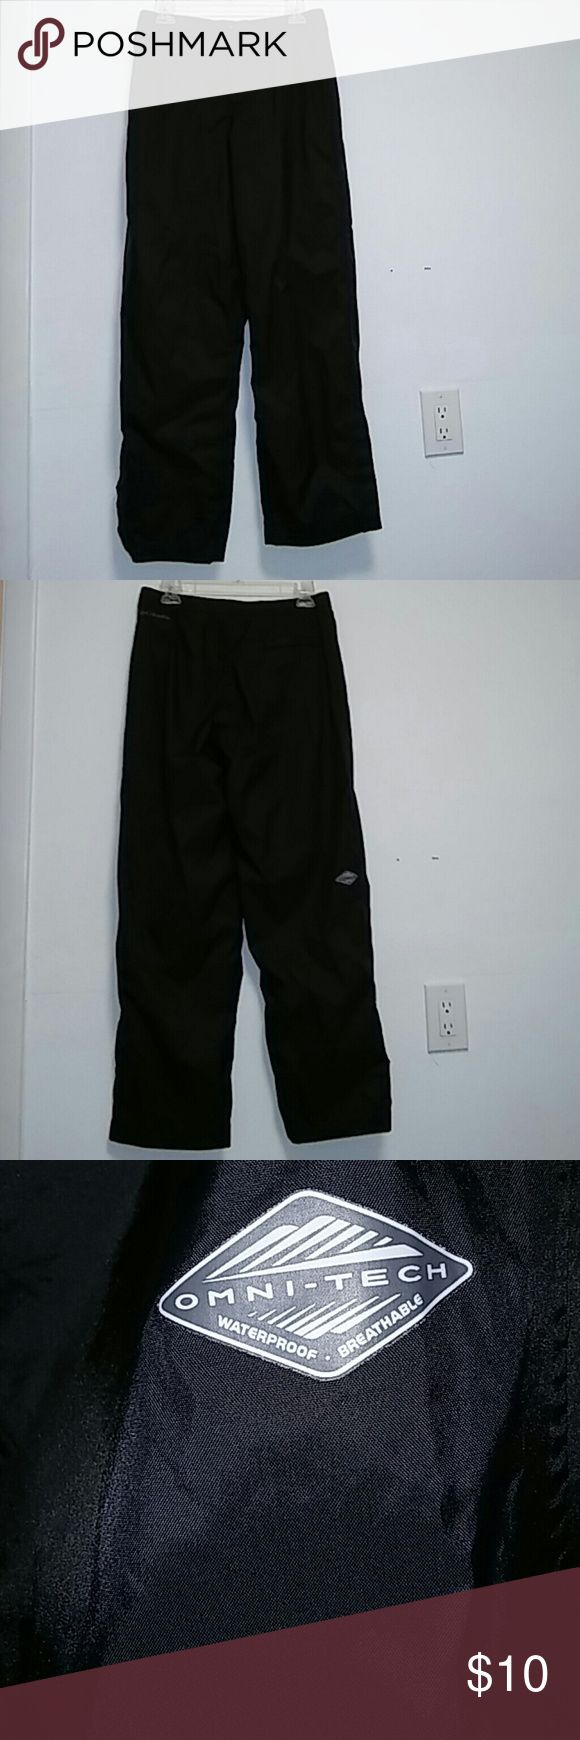 Columbia Omni-Tech Waterproof Men's Pants Sz S Columbia Omni-Tech Waterproof Men's Pants Sz S. Men's black windbreaker pants. Columbia Pants